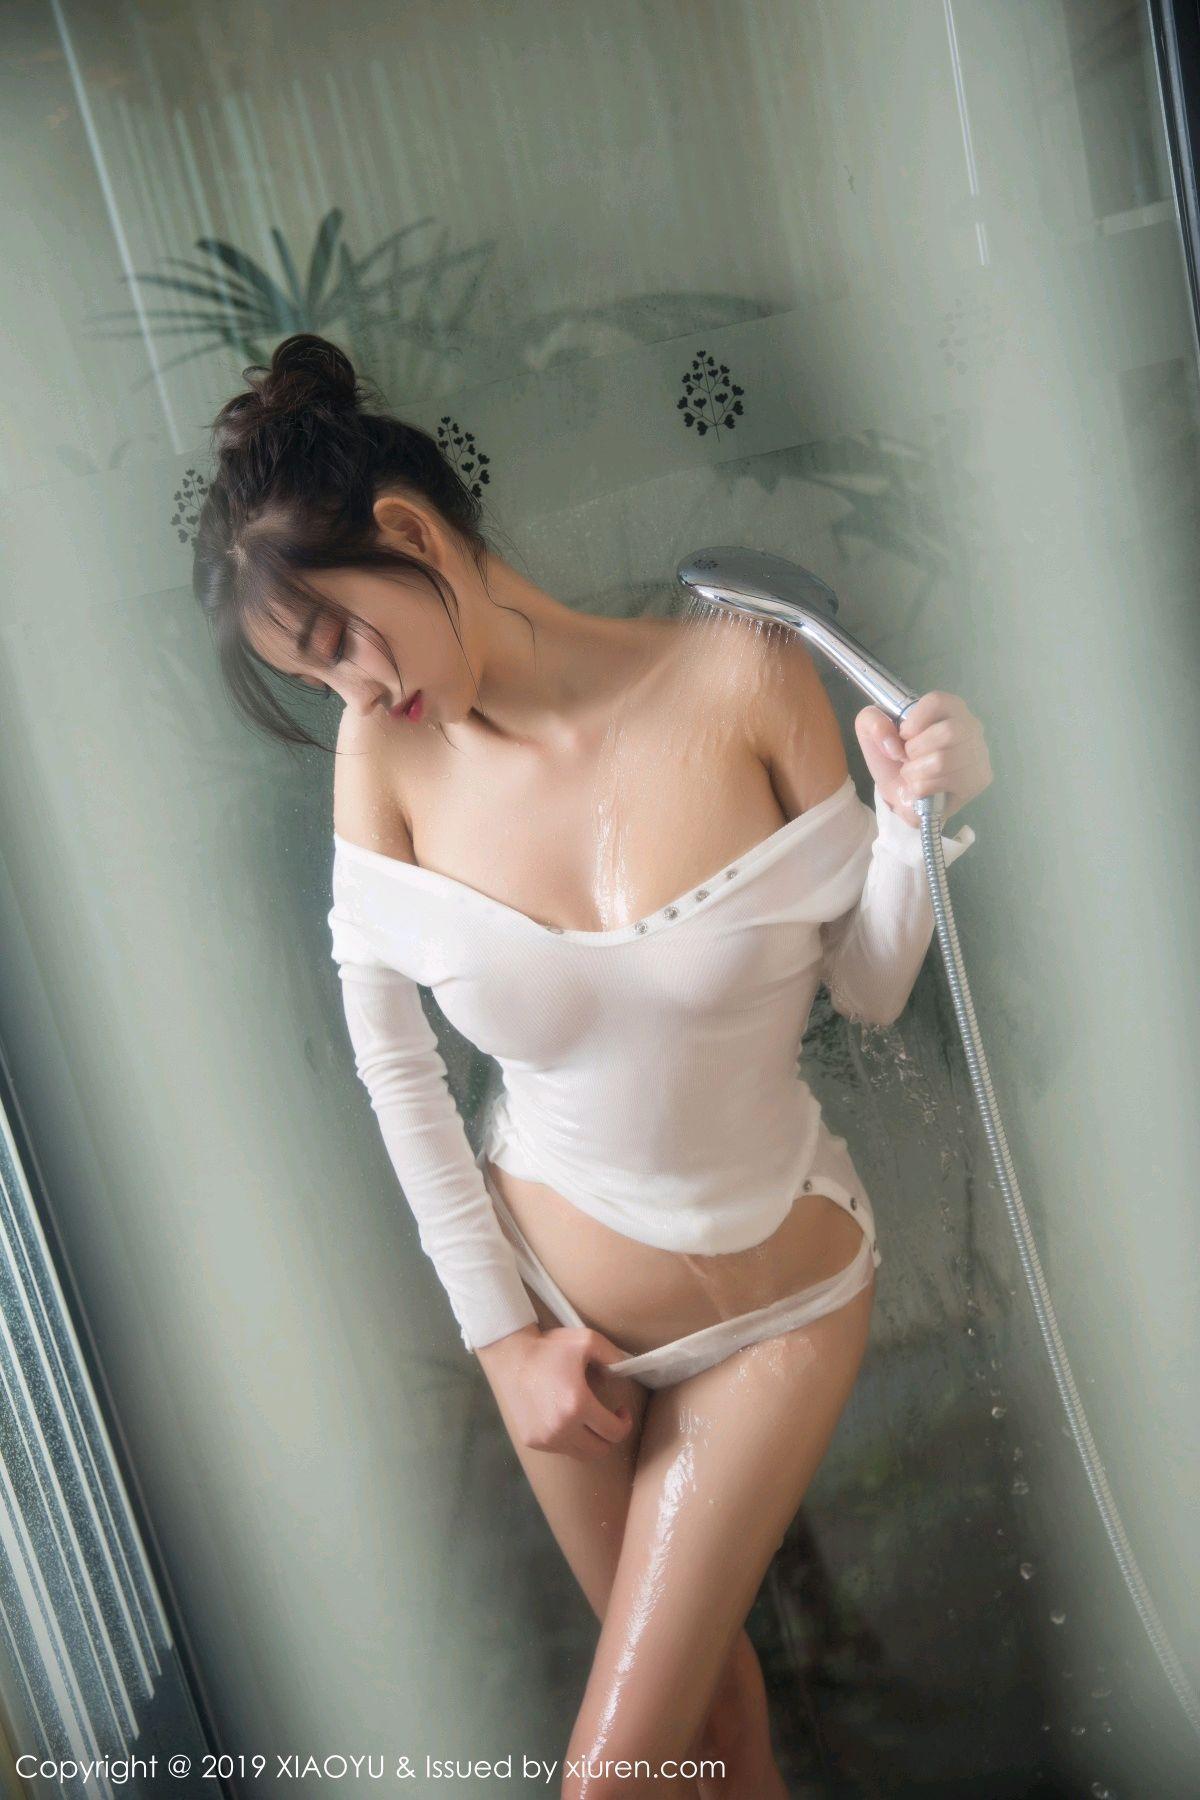 [XiaoYu] Vol.025 Yang Chen Chen 53P, Bathroom, Wet, XiaoYu, Yang Chen Chen